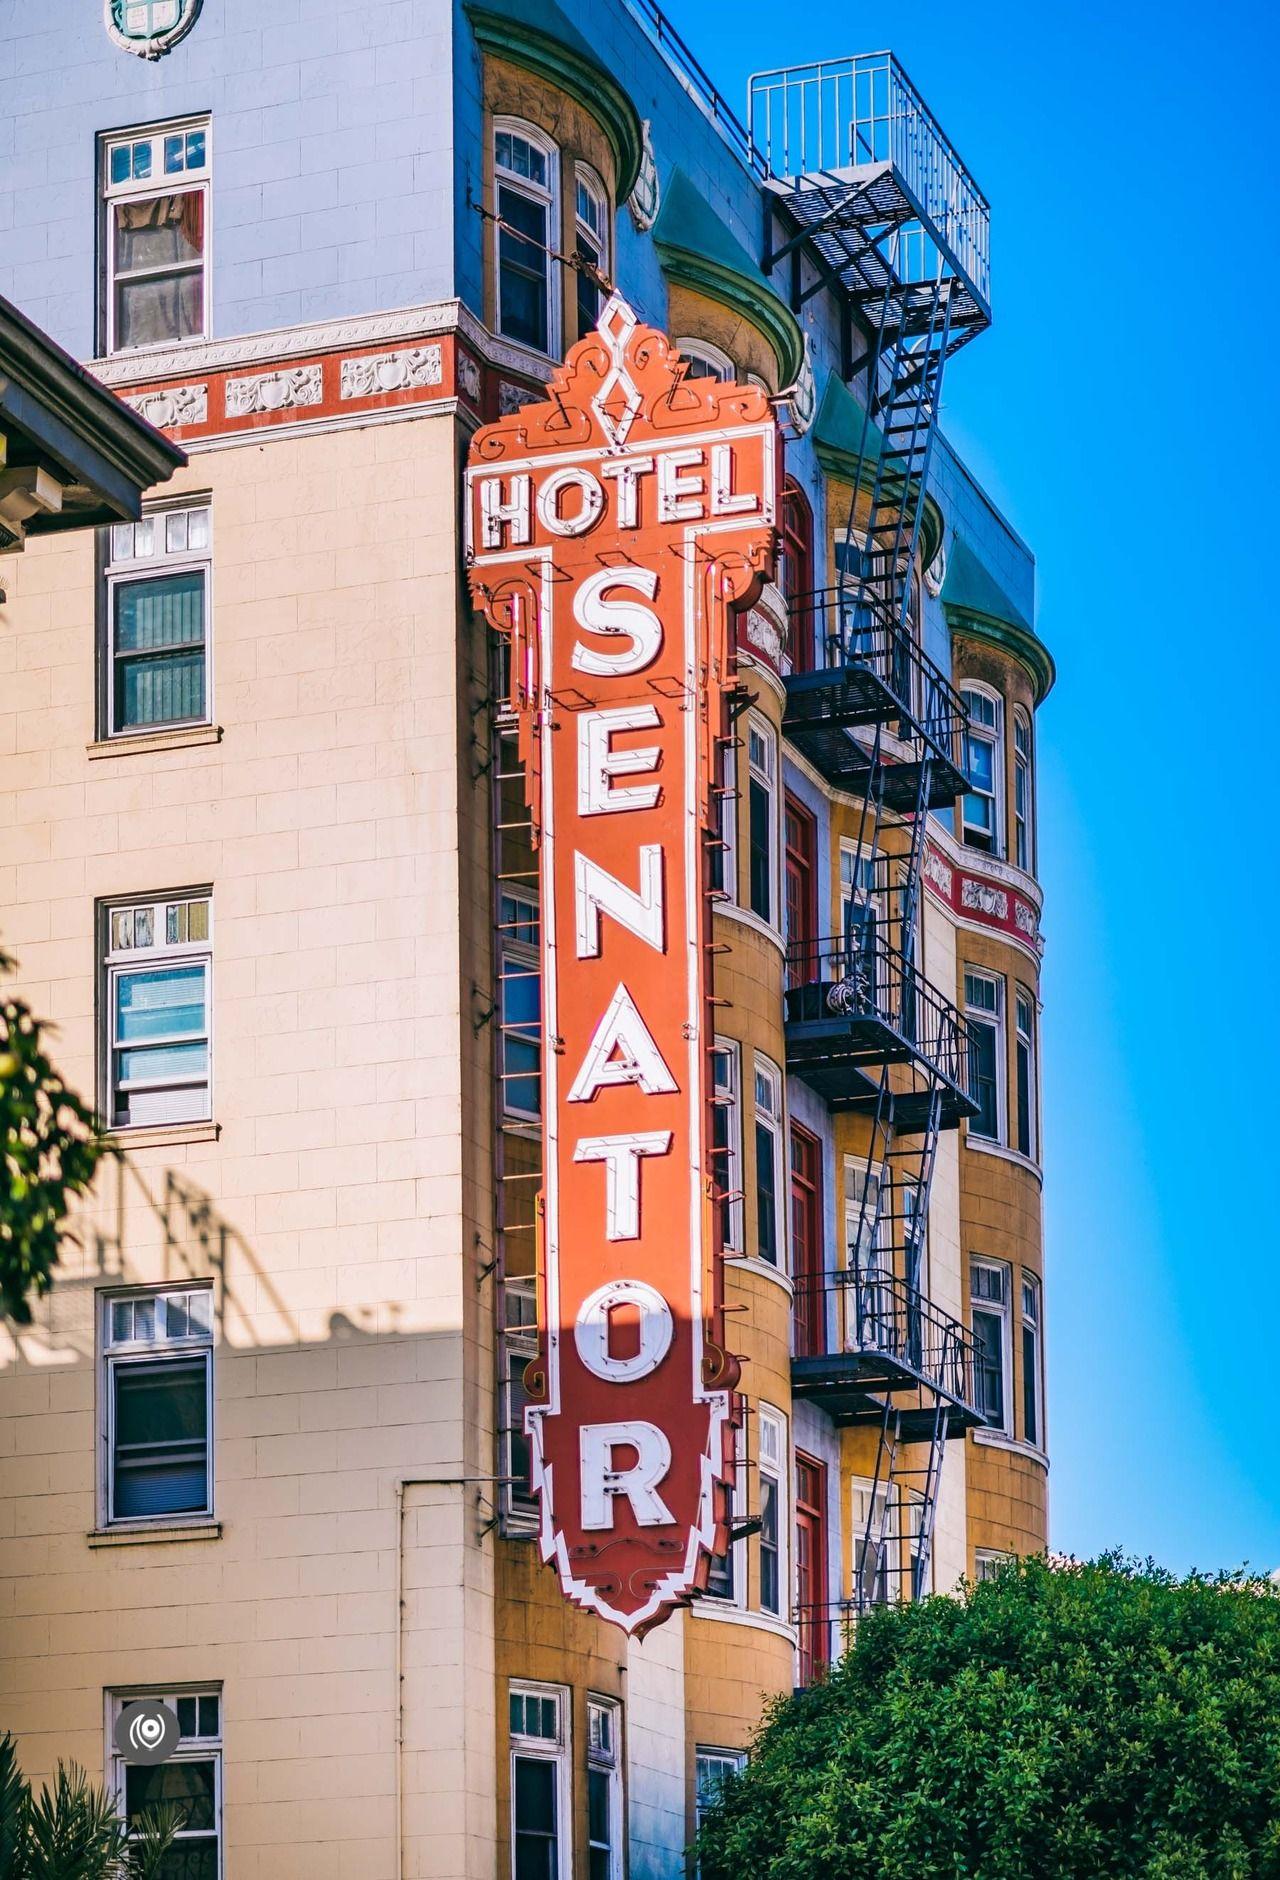 A brief tour of san francisco city eyesforsf